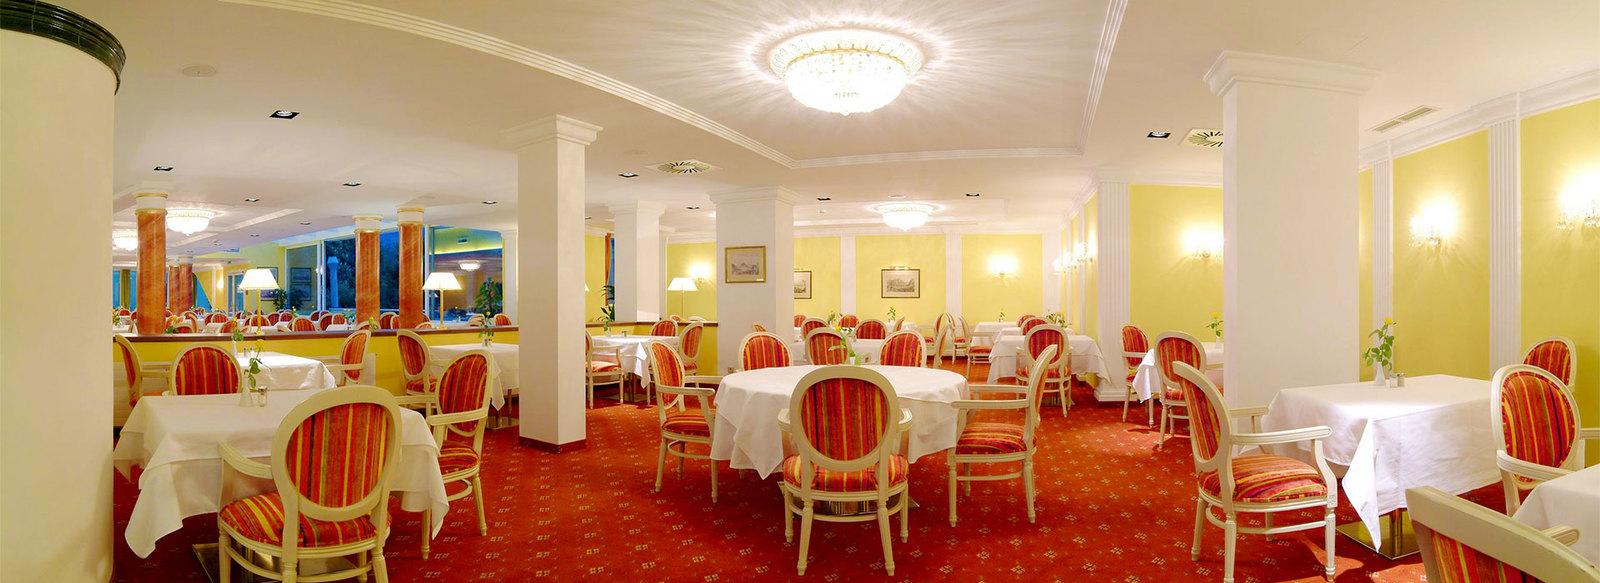 Family e wellness hotel